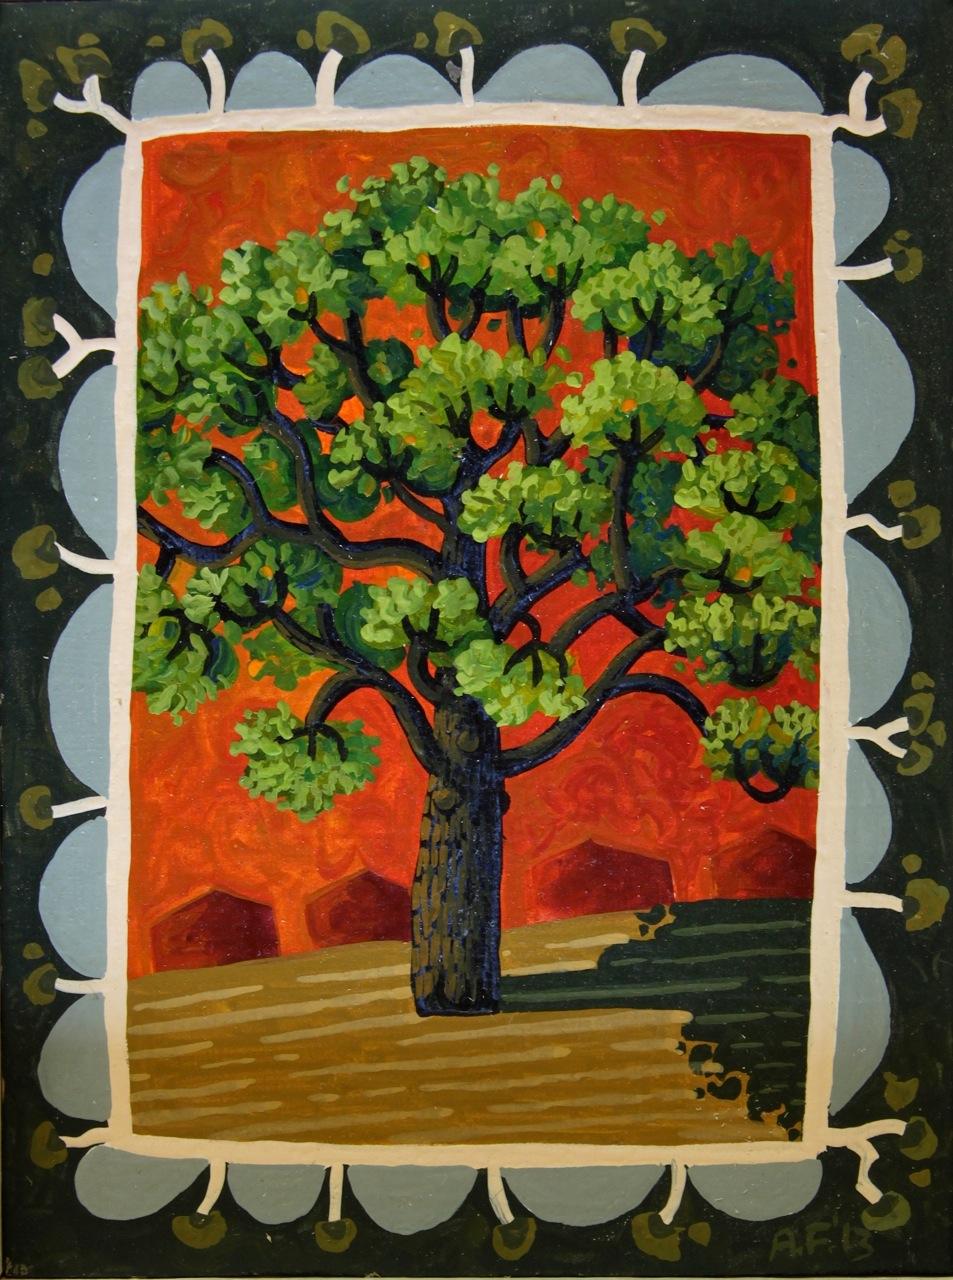 Dooring Street oak   gouache and wax on board 14.5 x 12cm